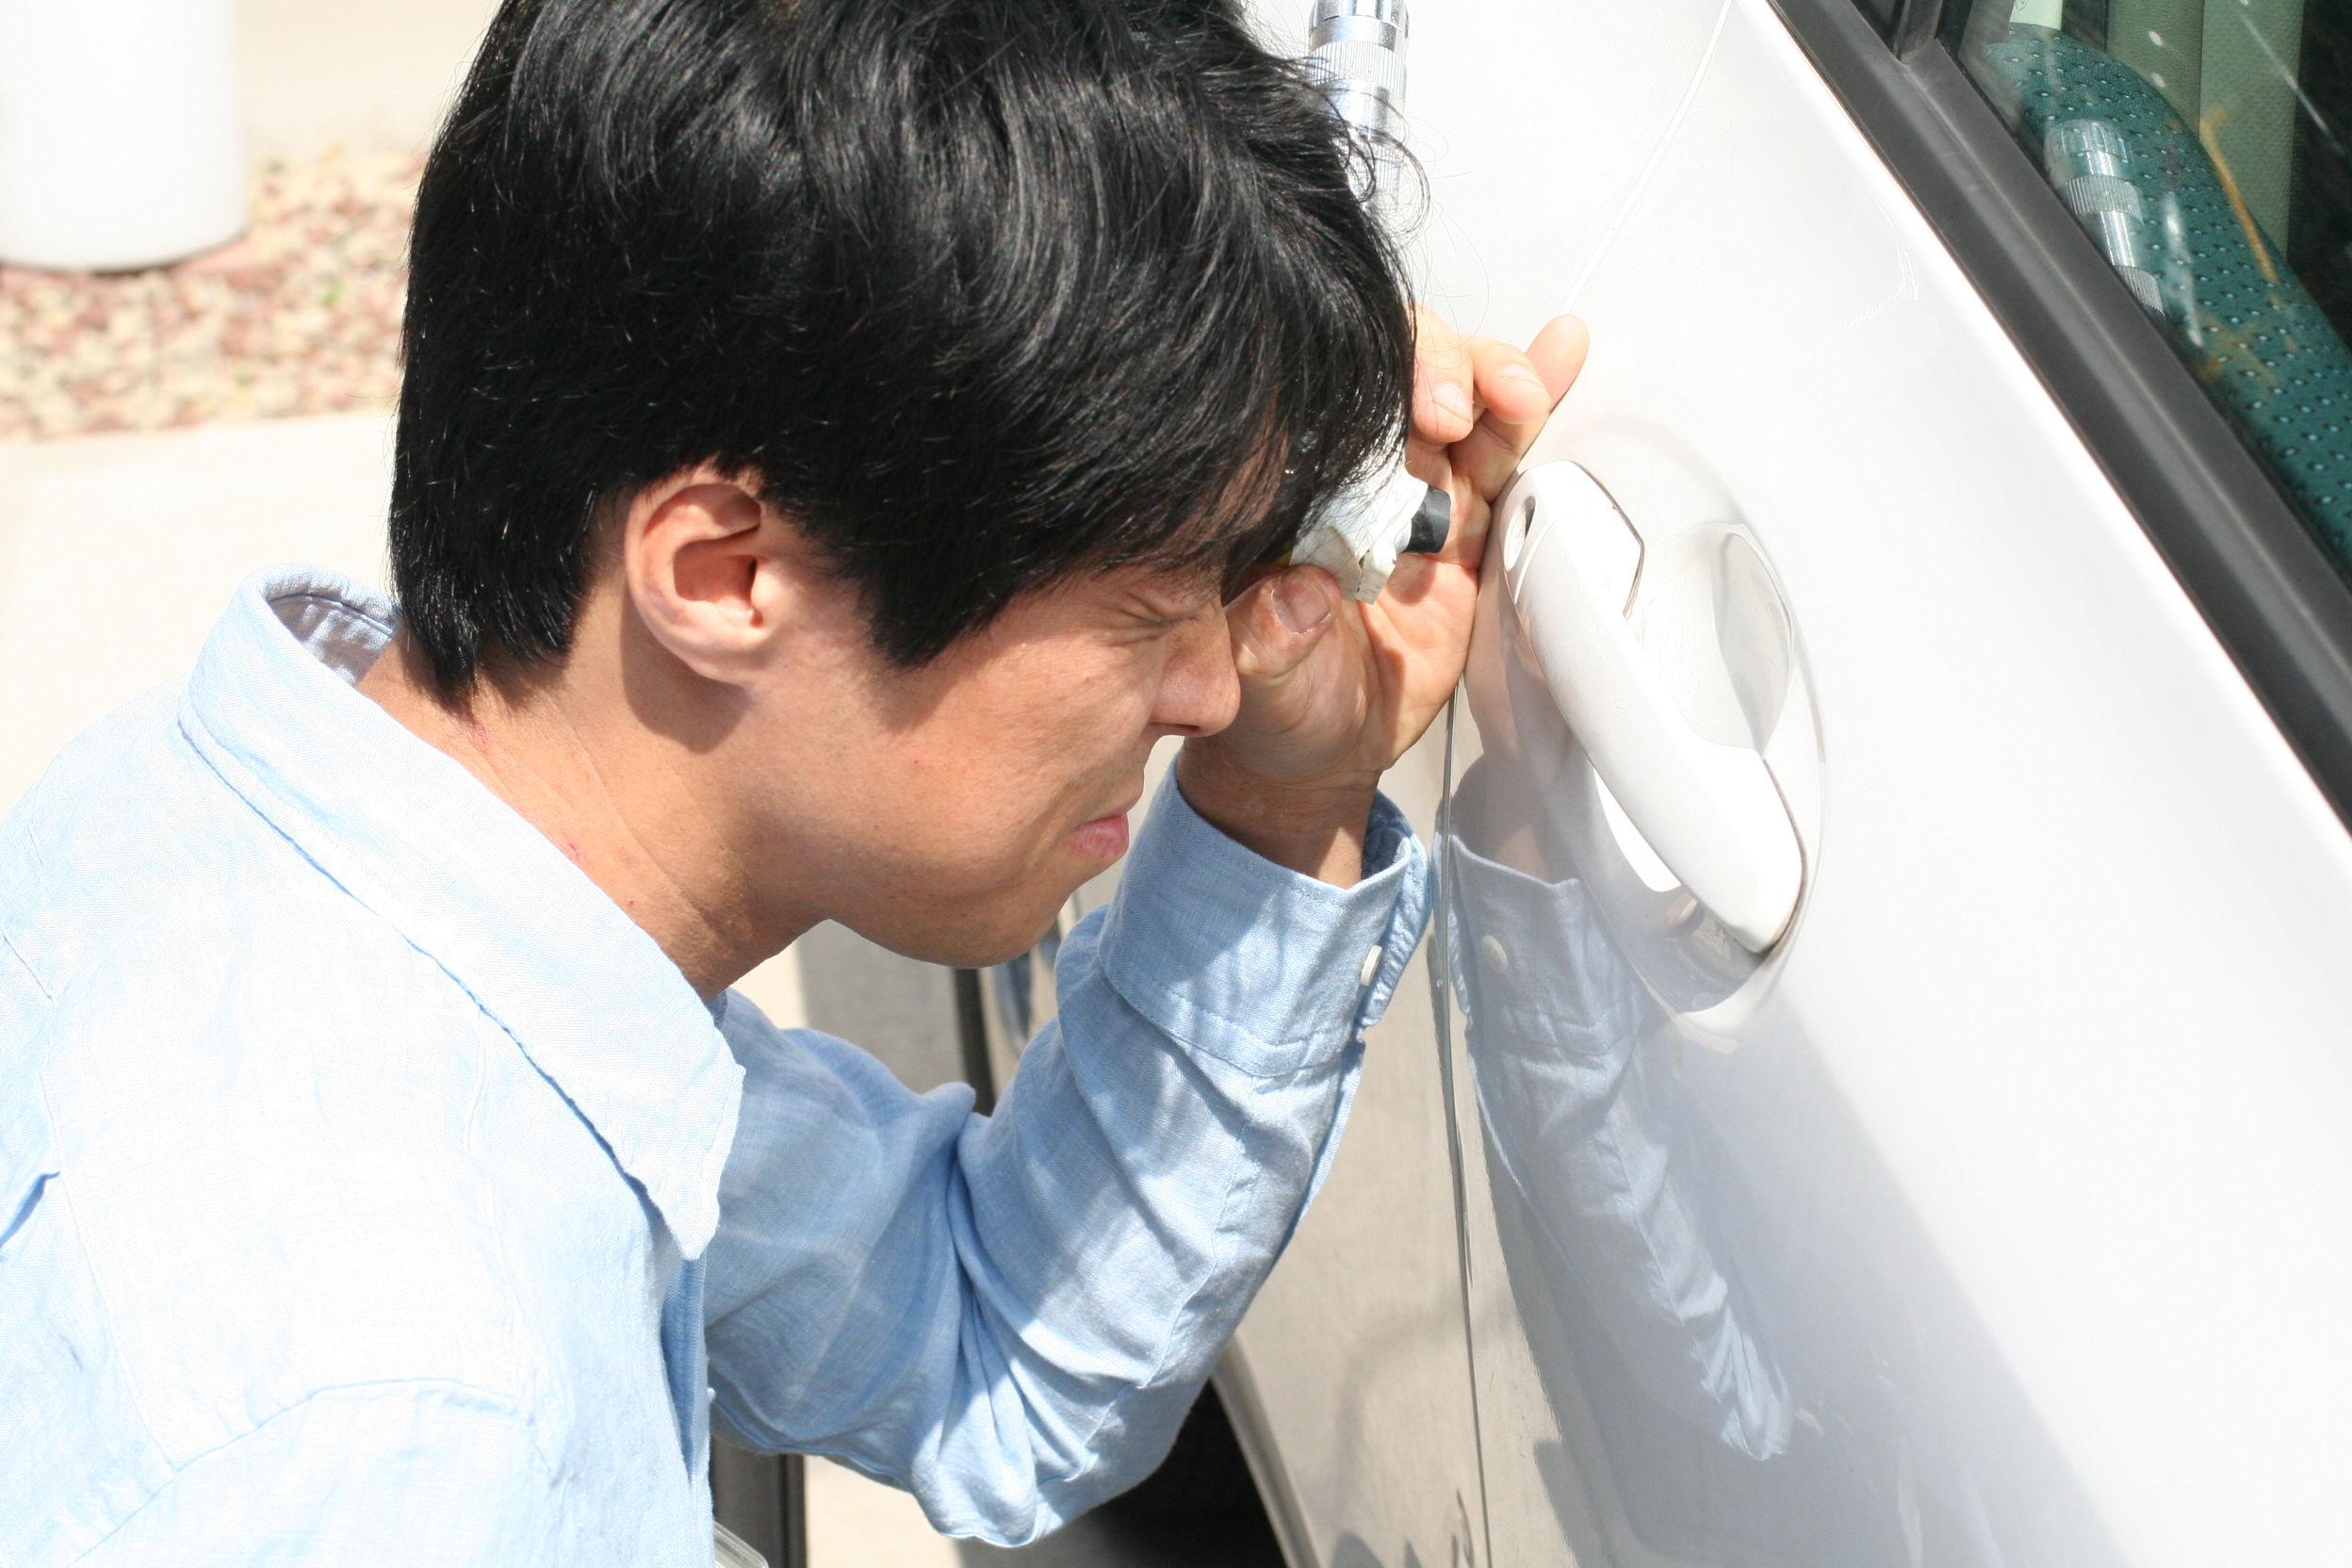 カギのトラブル救Q隊.24【船井郡京丹波町 出張エリア】のメイン画像